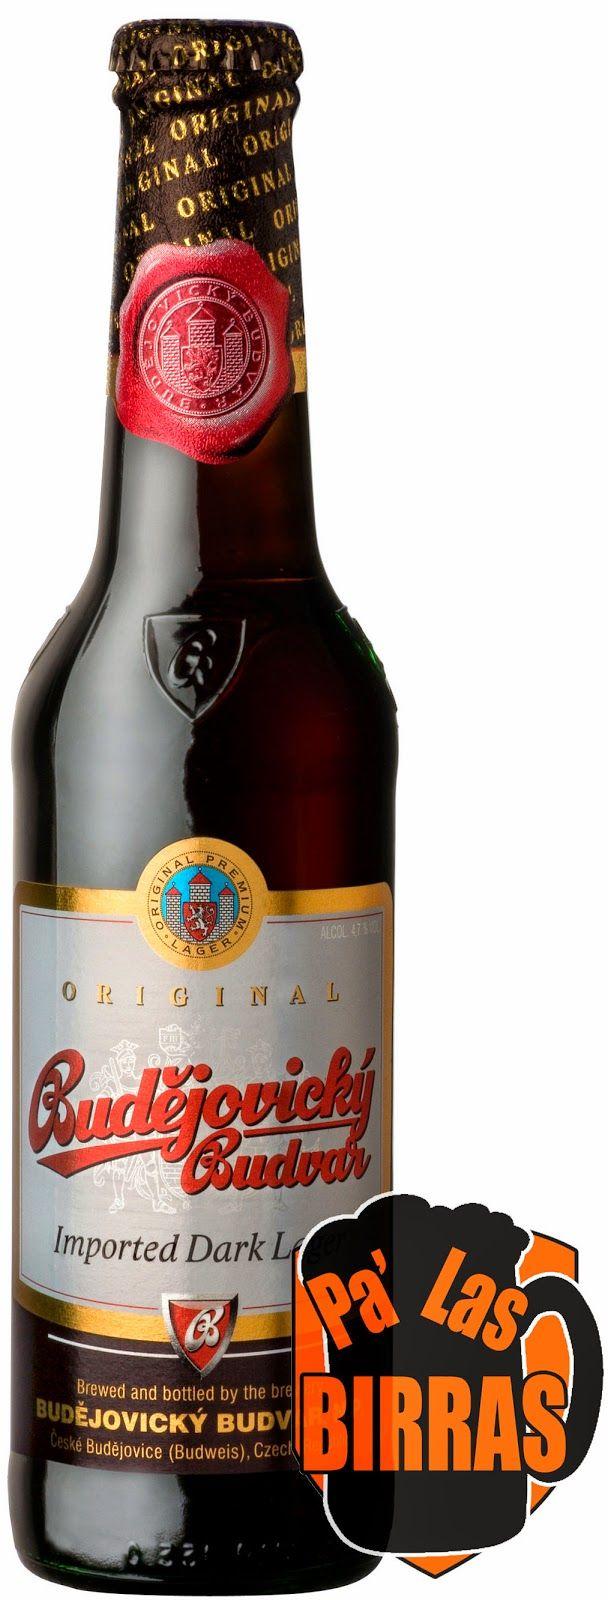 Pa' Las Birras: Budejovicky Dark Lager